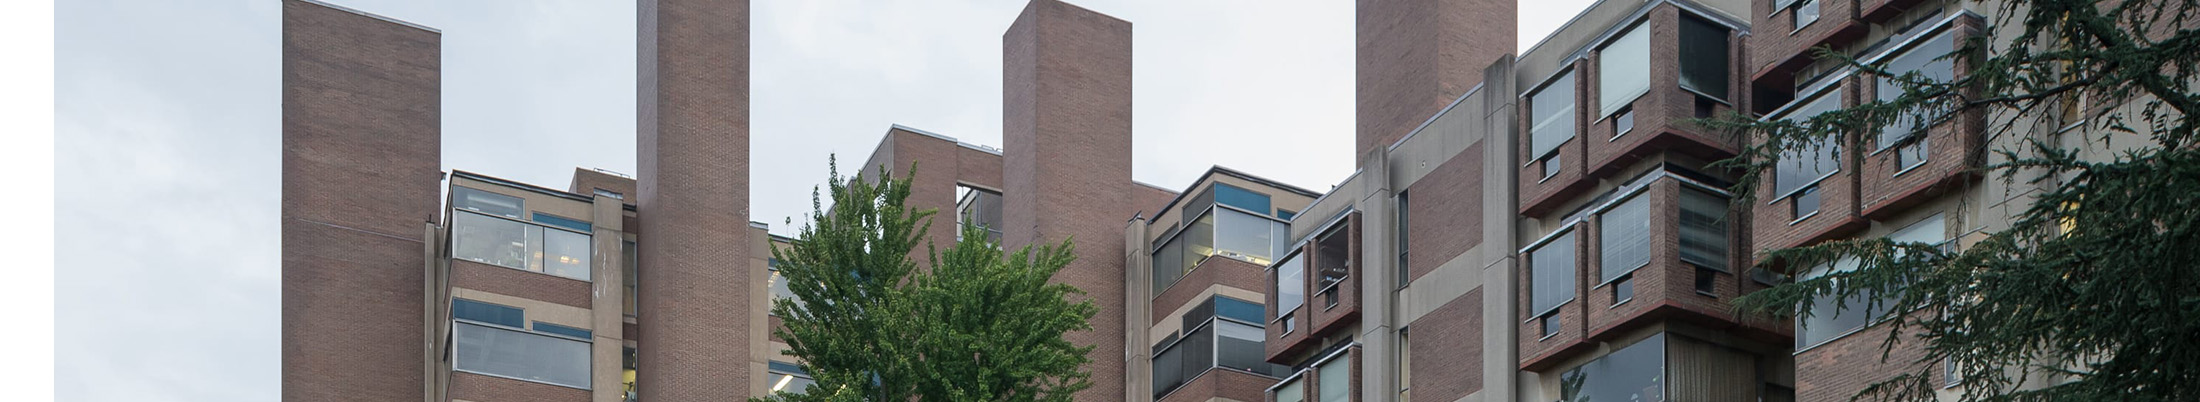 Richards Building banner image